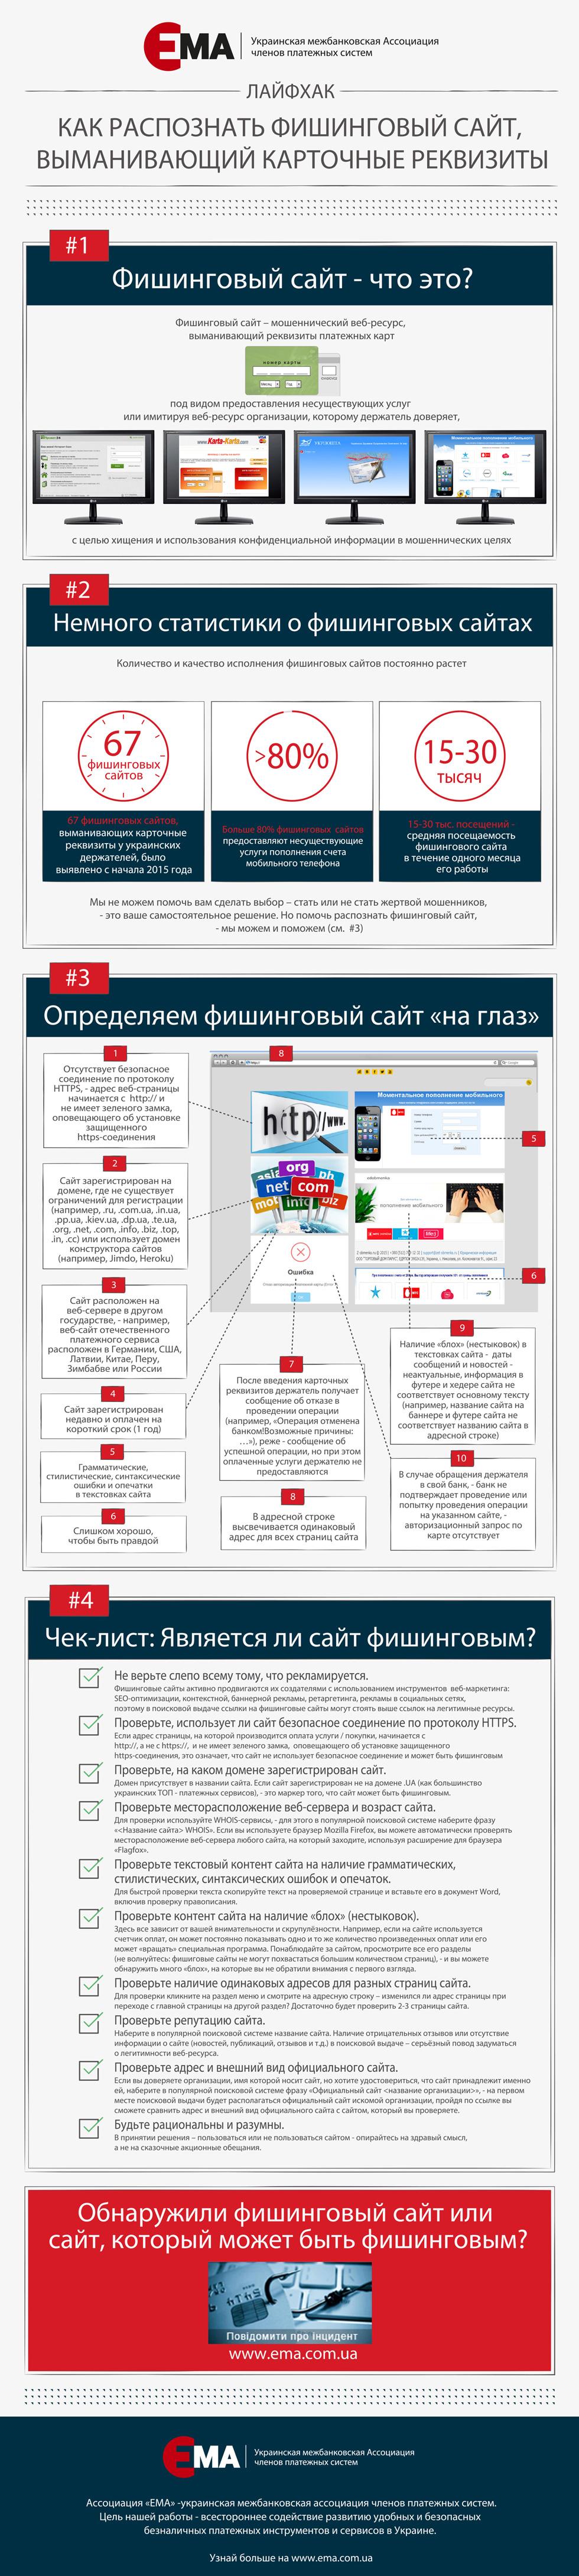 Как распознать карточных мошенников в интернете — инфографика